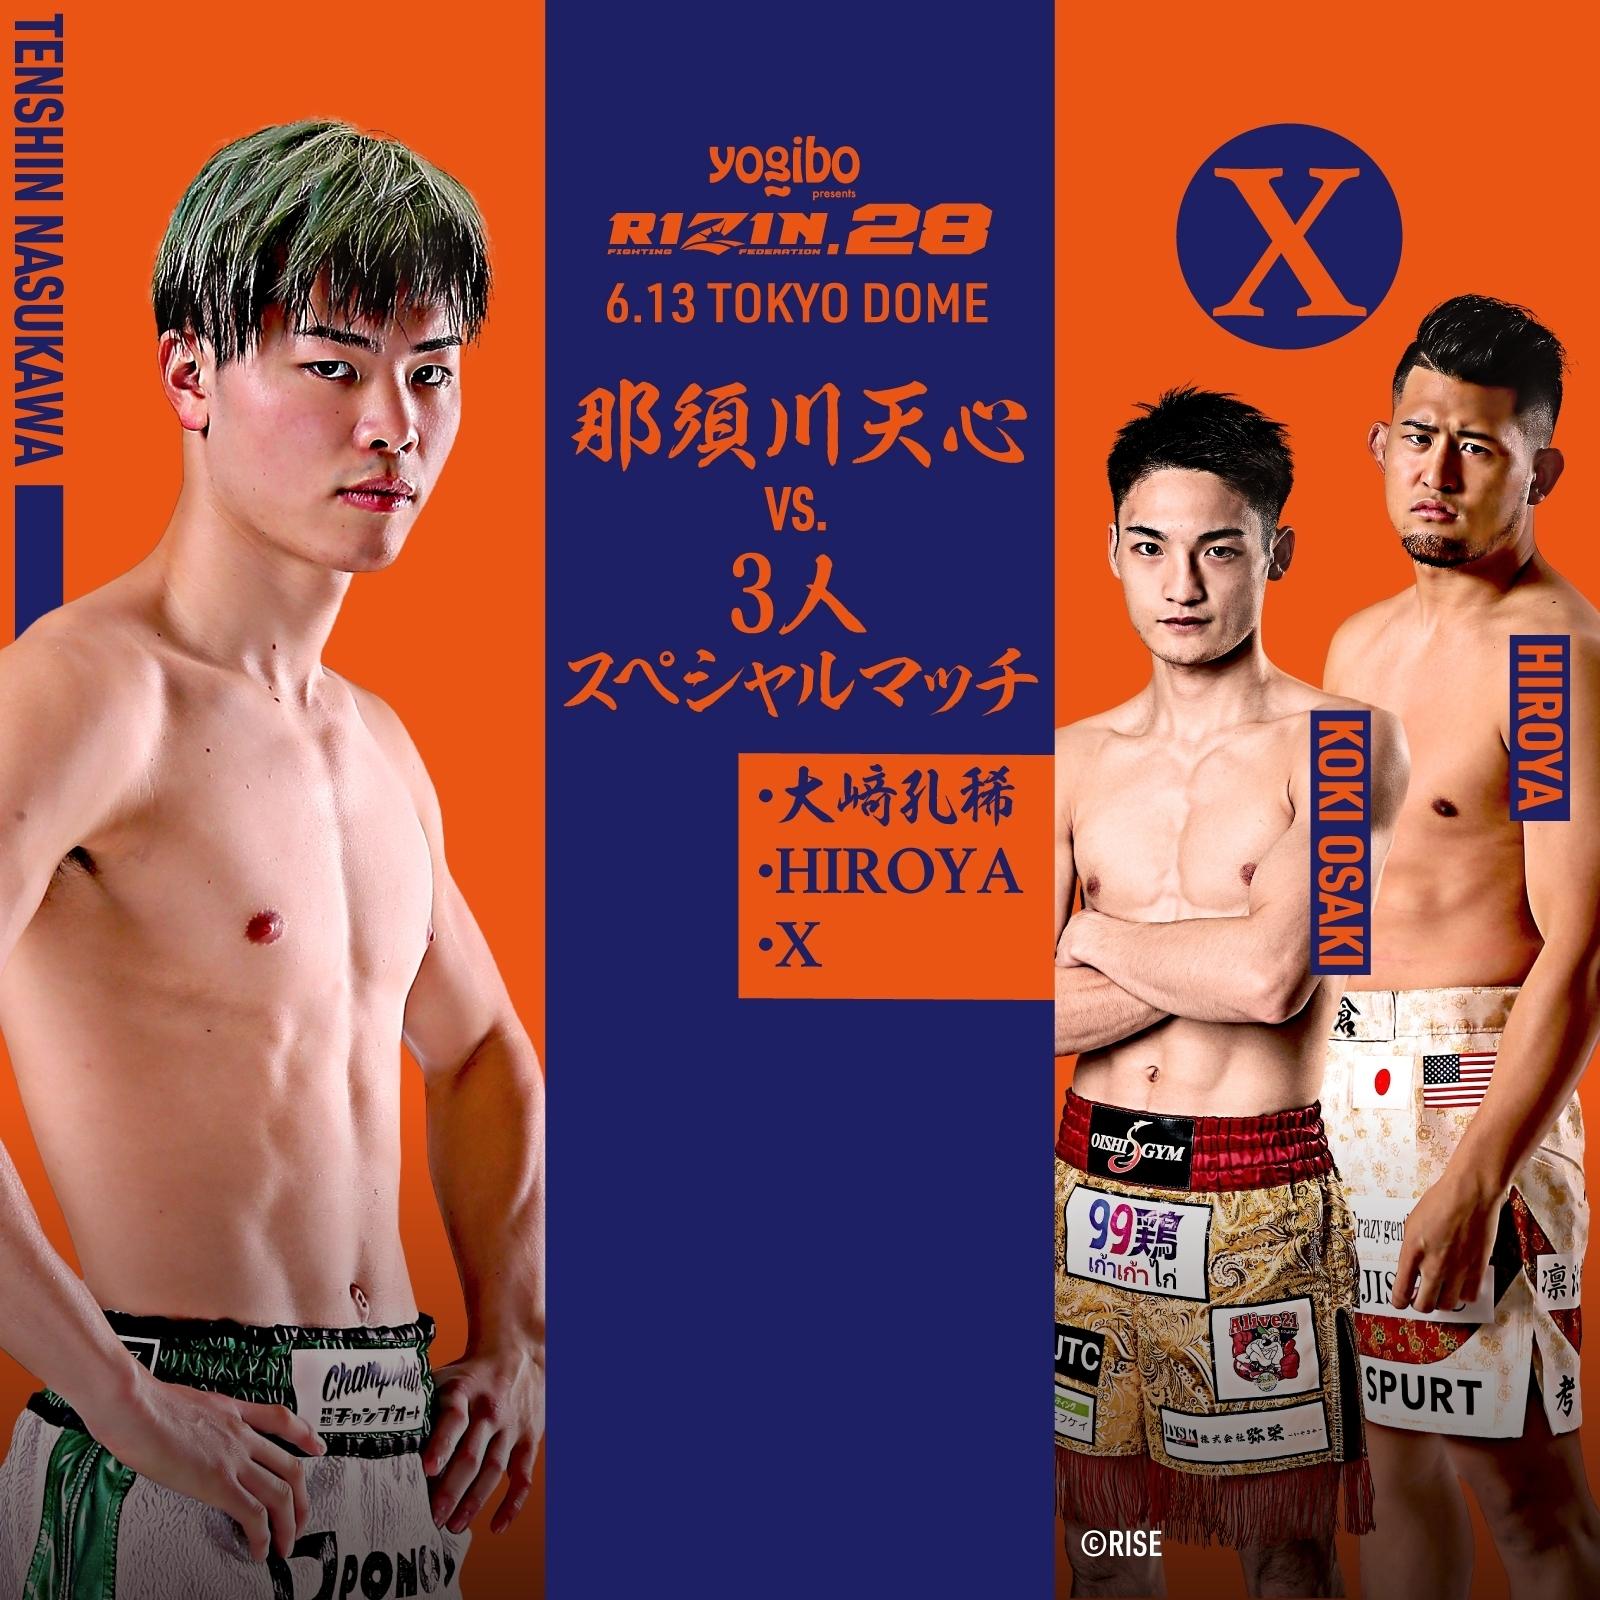 「那須川天心vs.3人のファイター」追加対戦カード発表